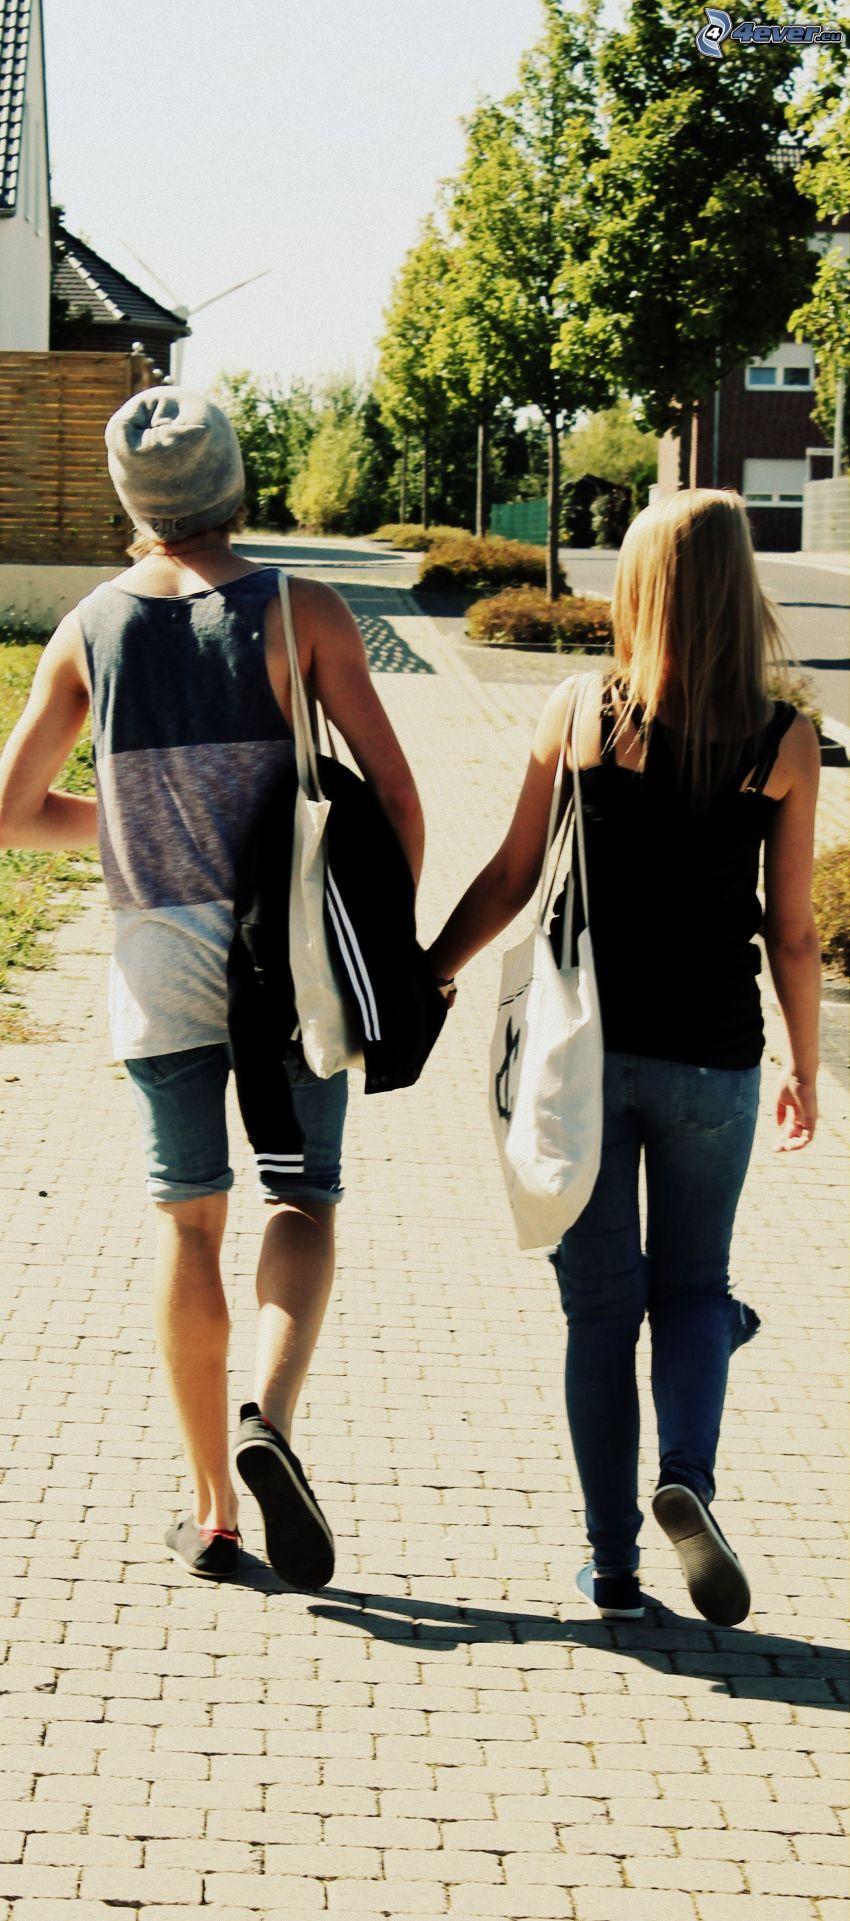 par i stad, promenad, hålla händer, trottoar, gata